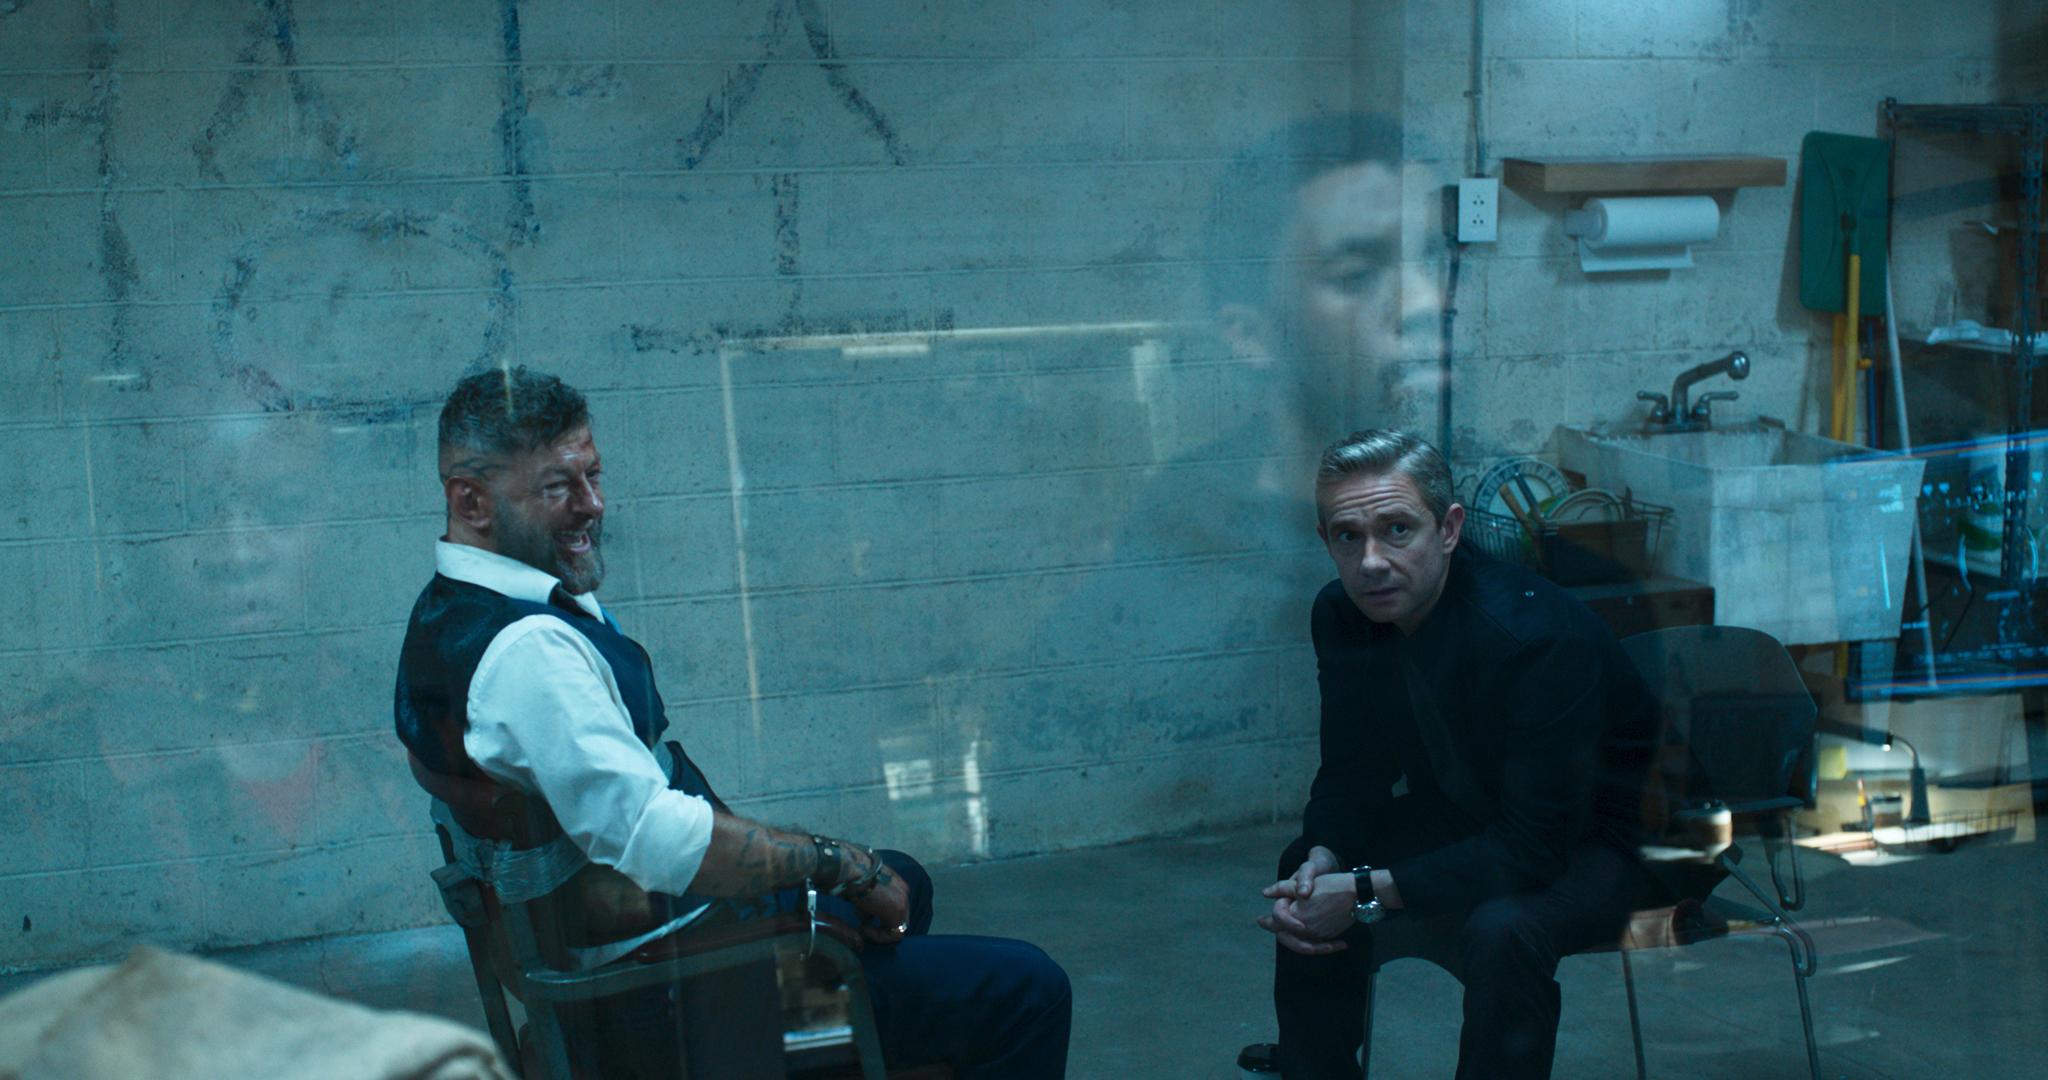 《黑豹》票房将超《战狼2》,确定拍续集,但上映日期让人绝望